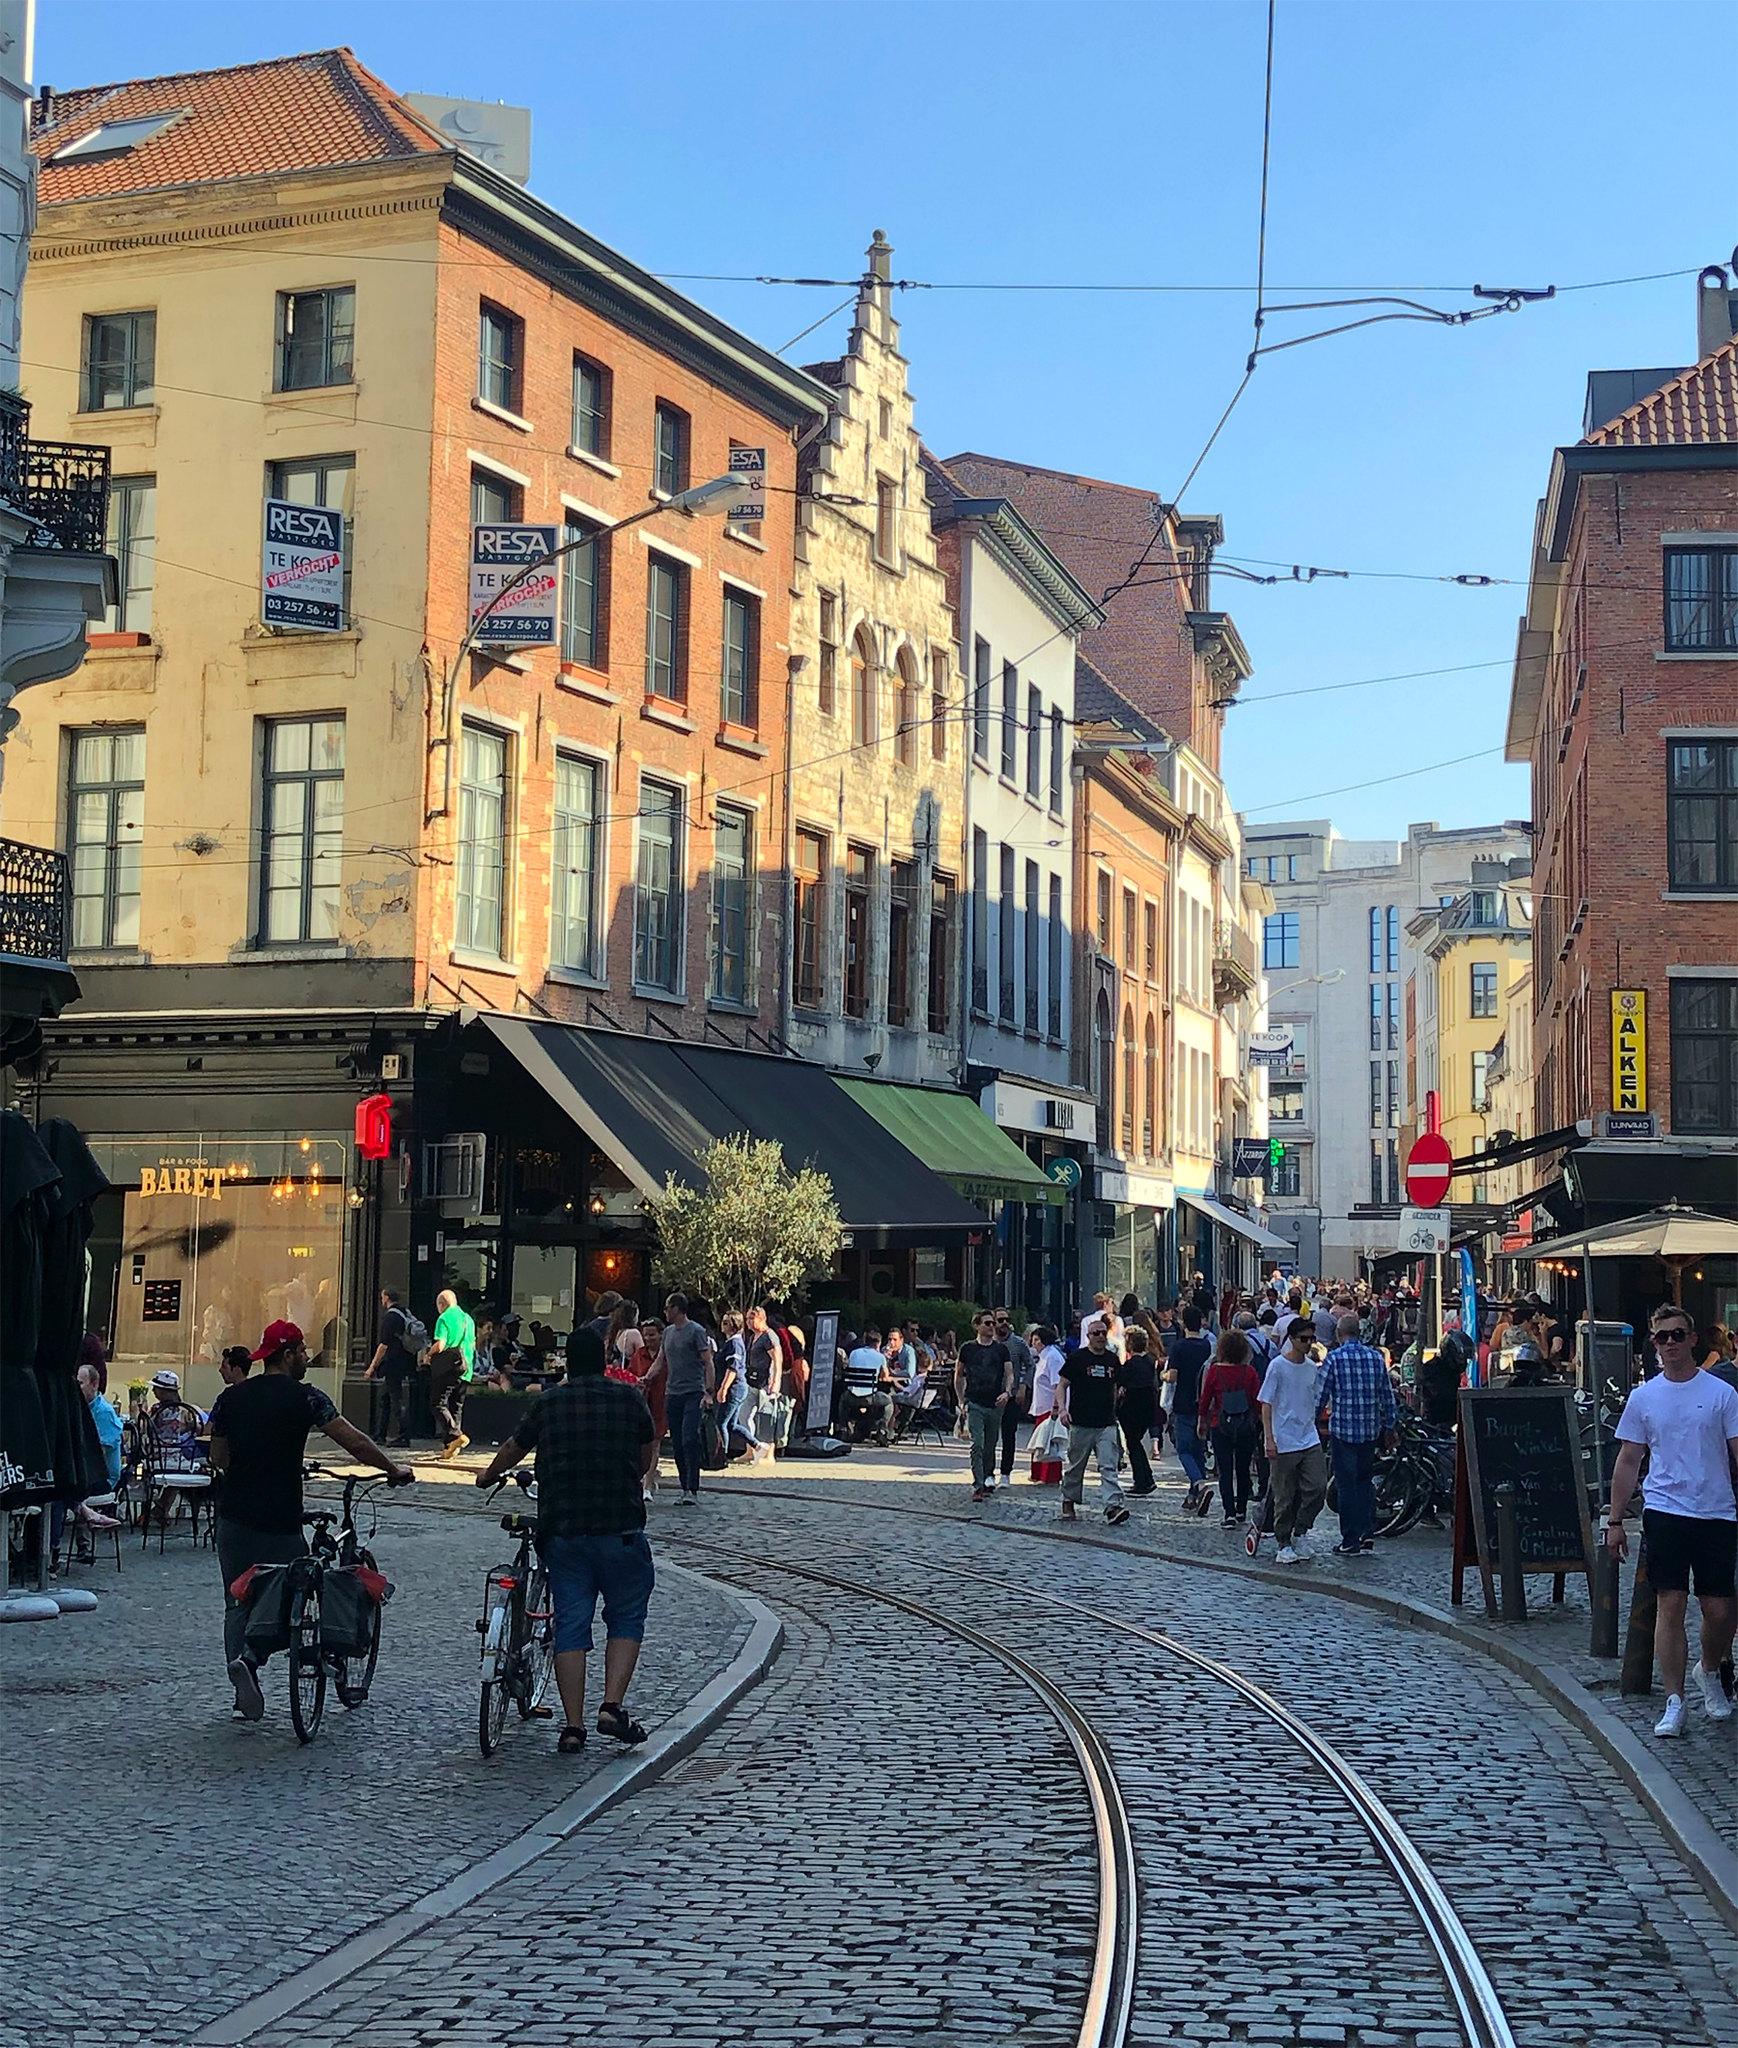 Visitar Amberes en un día, Antwerp in a day, Bélgica, Belgium amberes en un día - 48260865637 81e9fa8a44 k - Amberes en un día